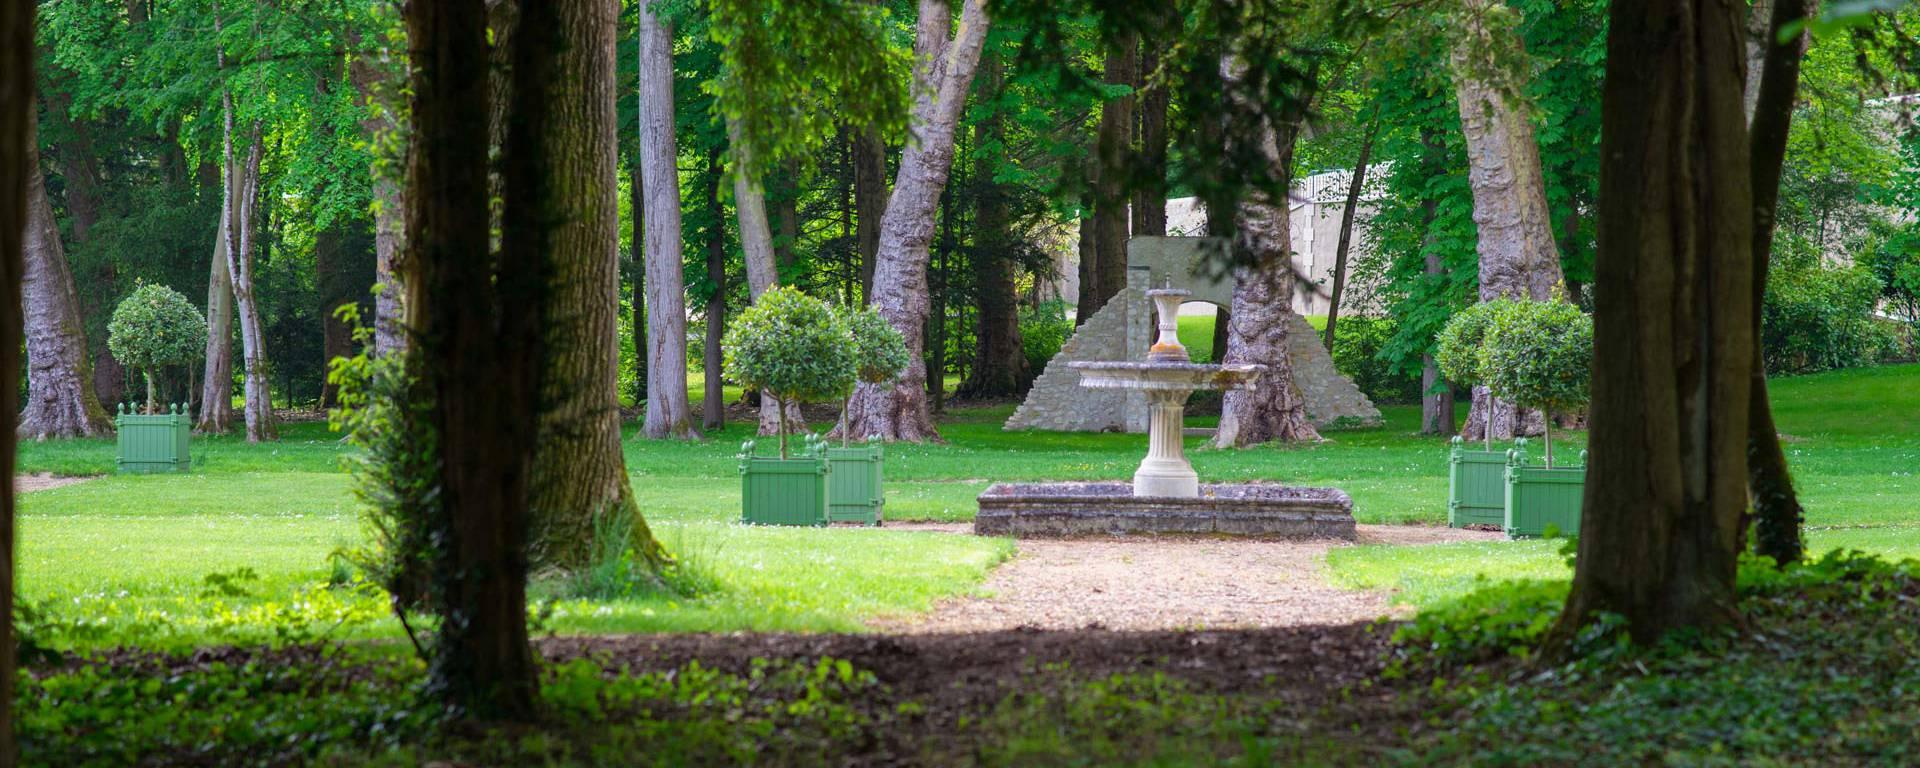 Die Renaissance-Gärten von Château Gaillard © OTBC